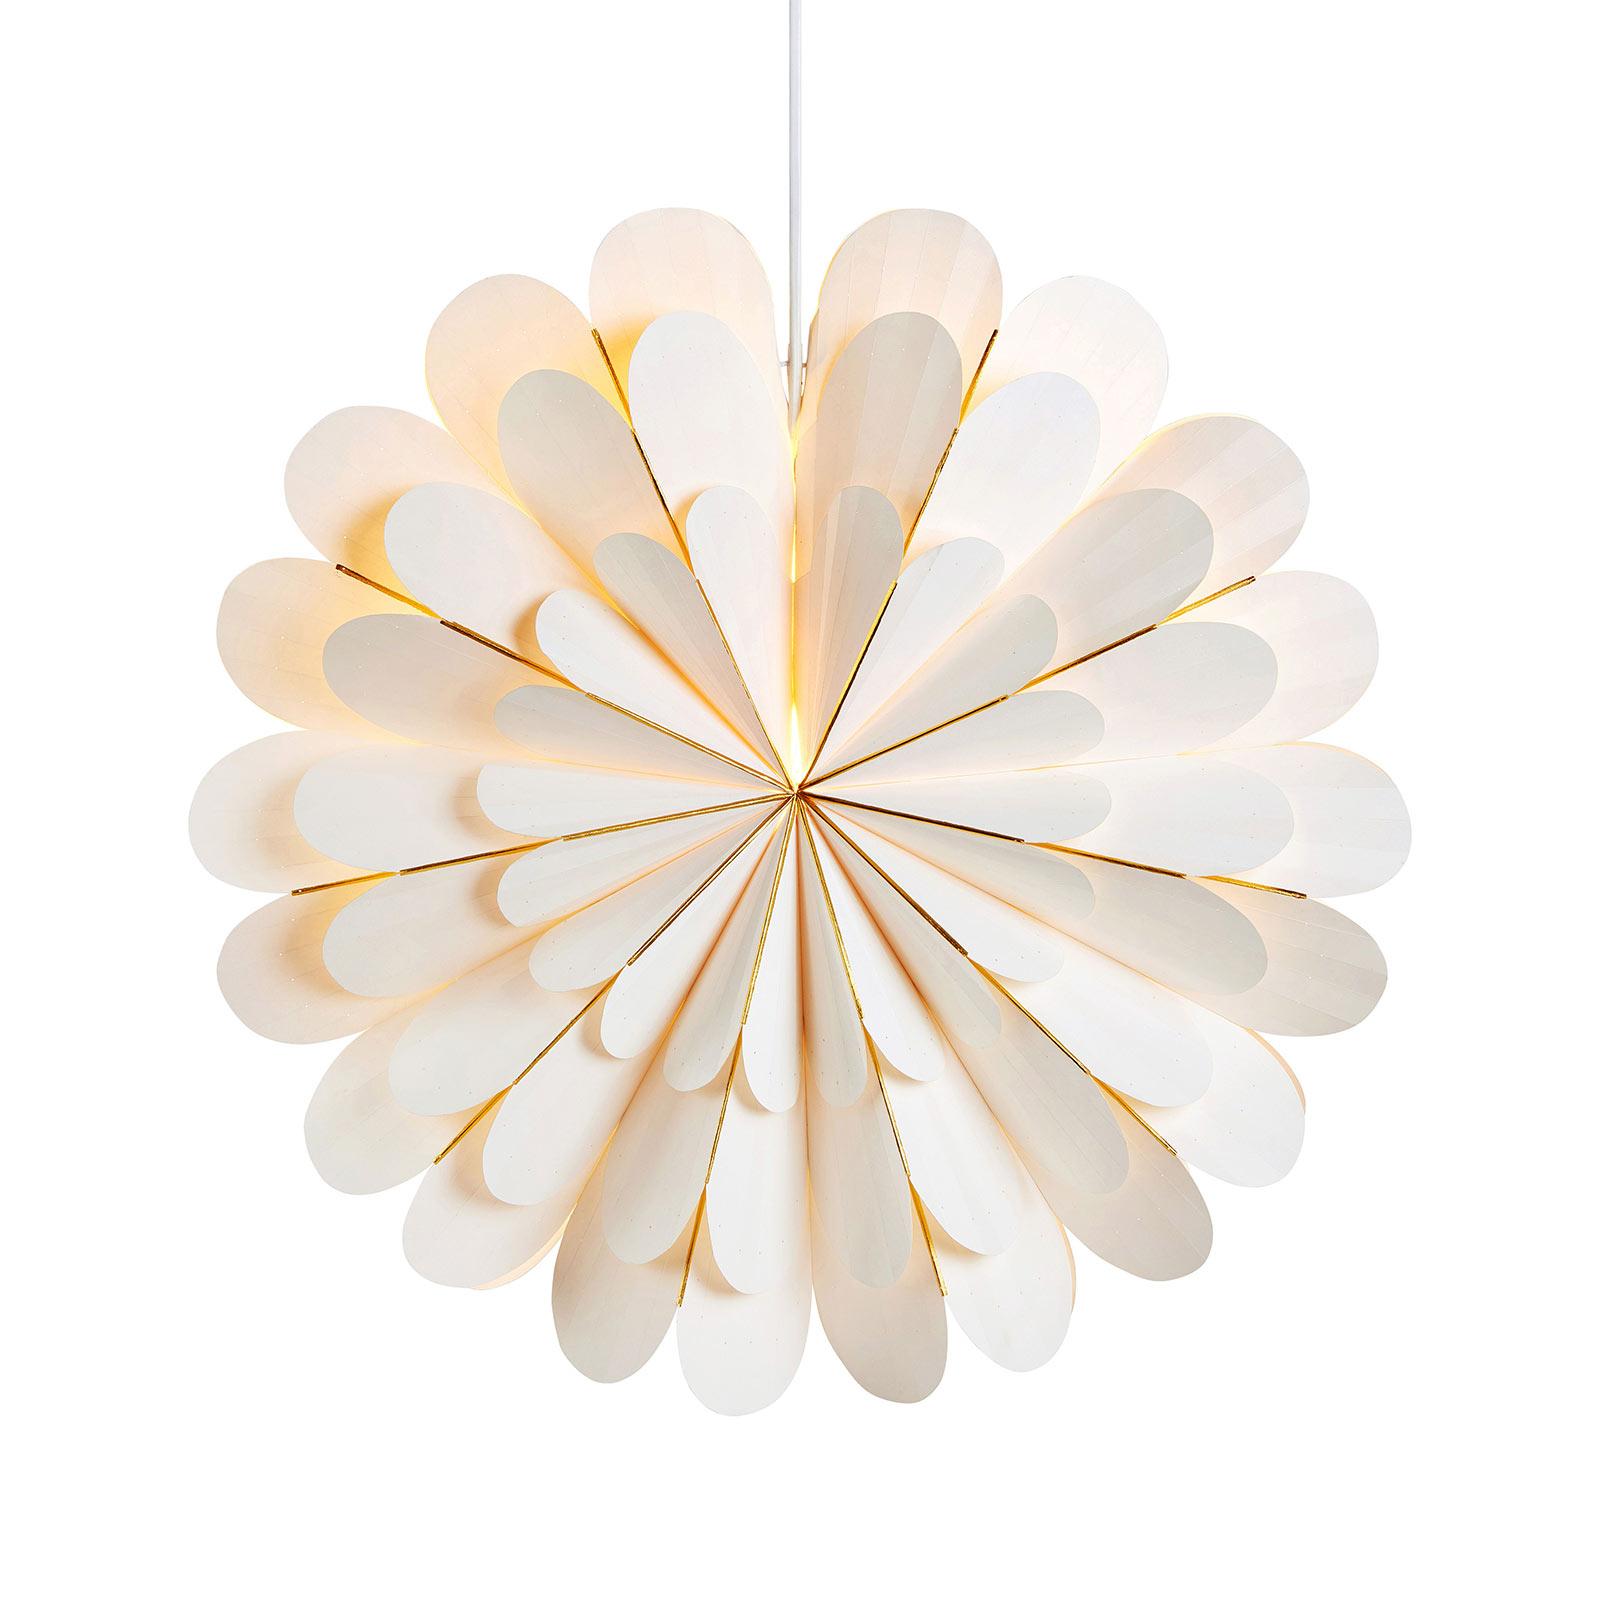 Marigold dekor.stjerne som hengelampe hvit Ø 45 cm